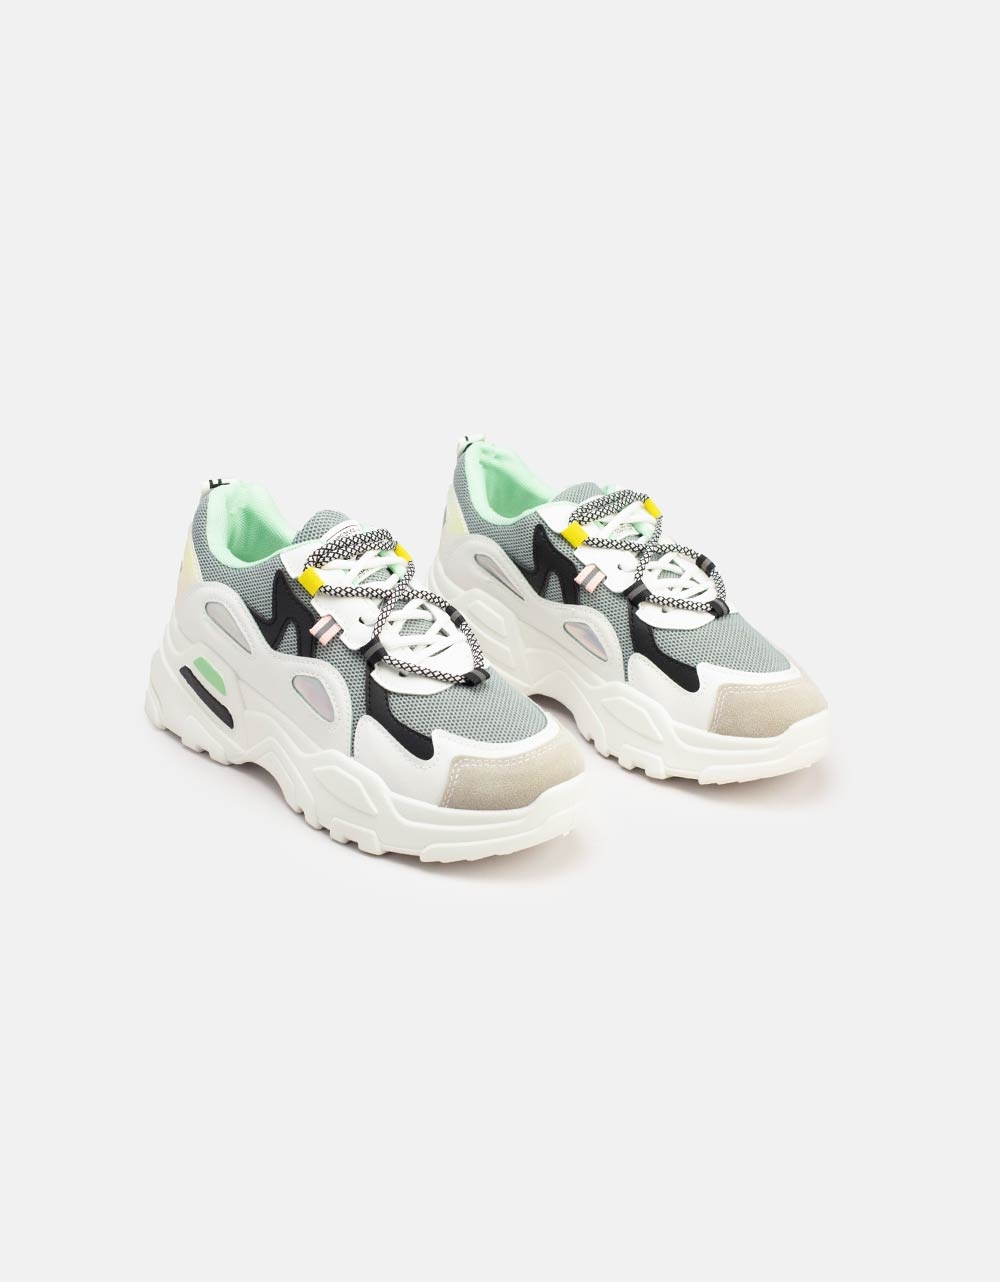 Εικόνα από Γυναικεία sneakers με δίχρωμες λεπτομέρειες Γκρι/Λευκό